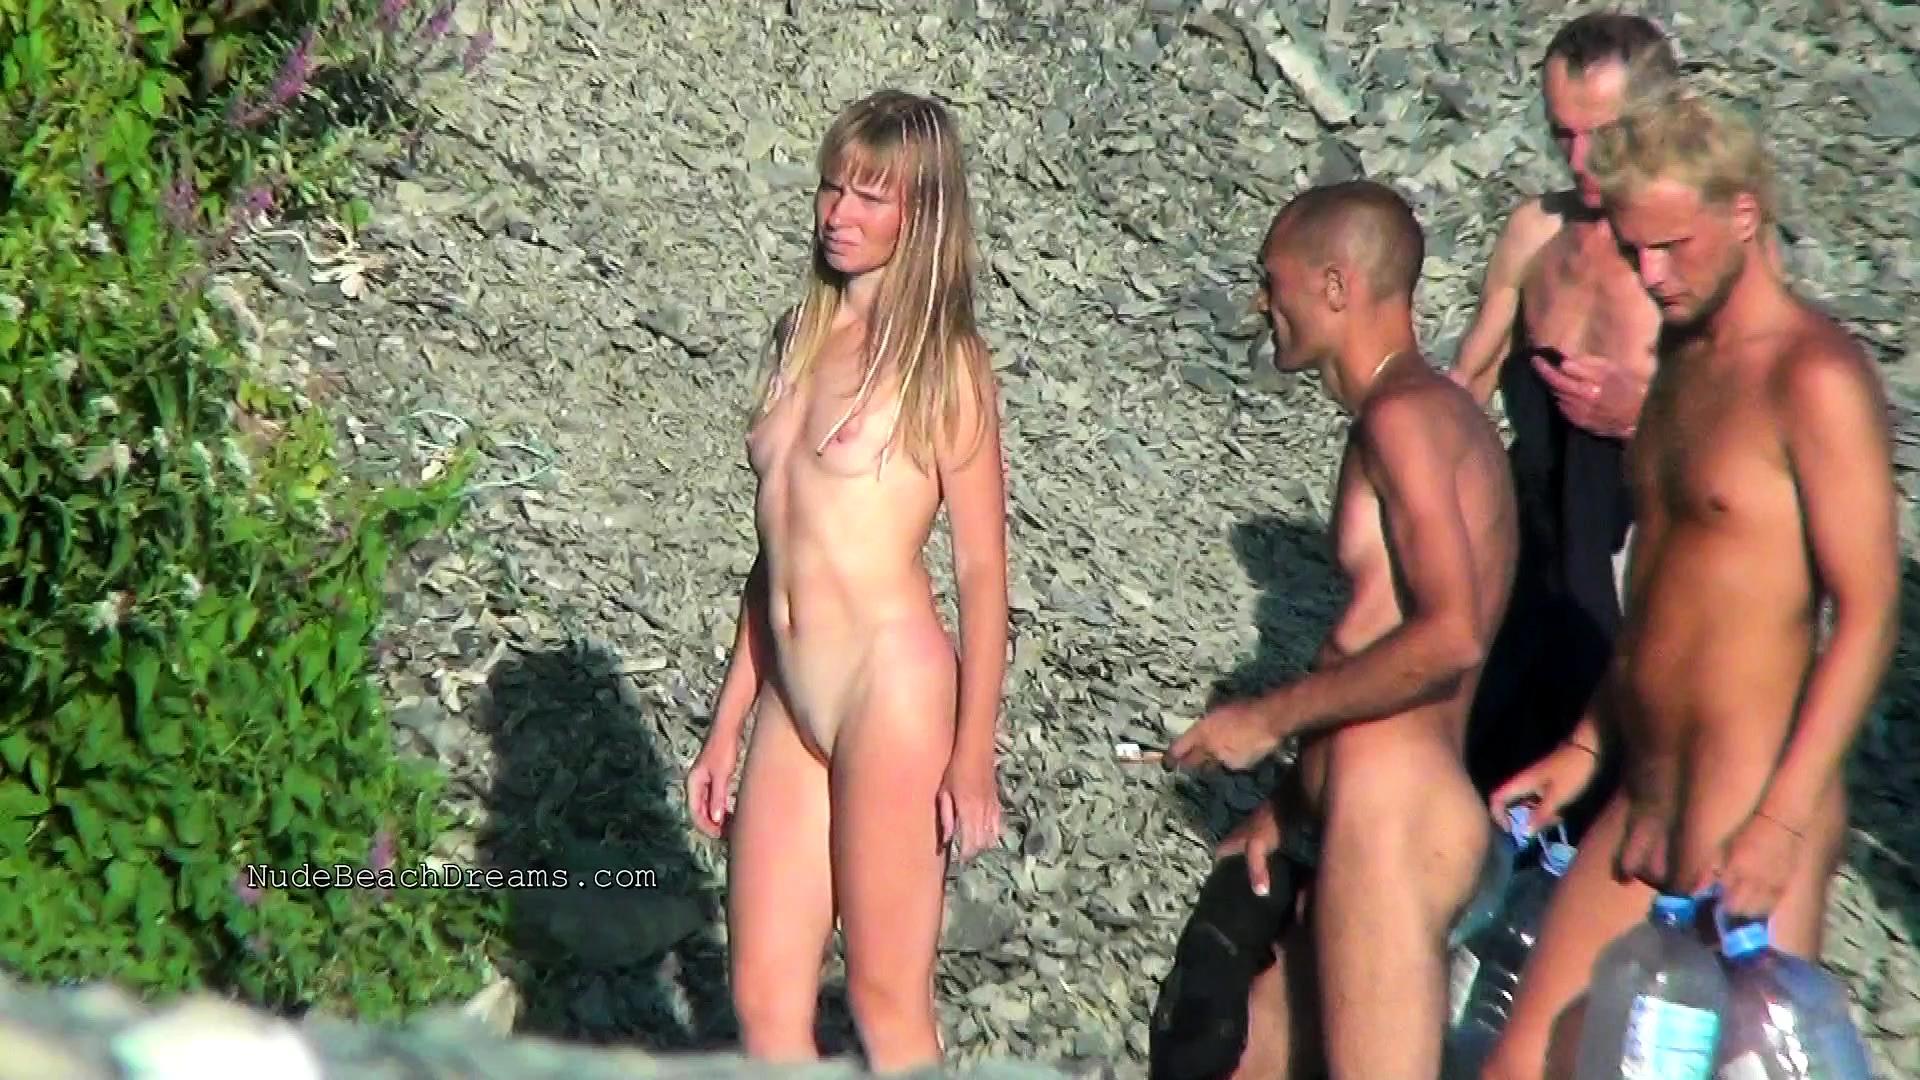 Ray j danger girl nude